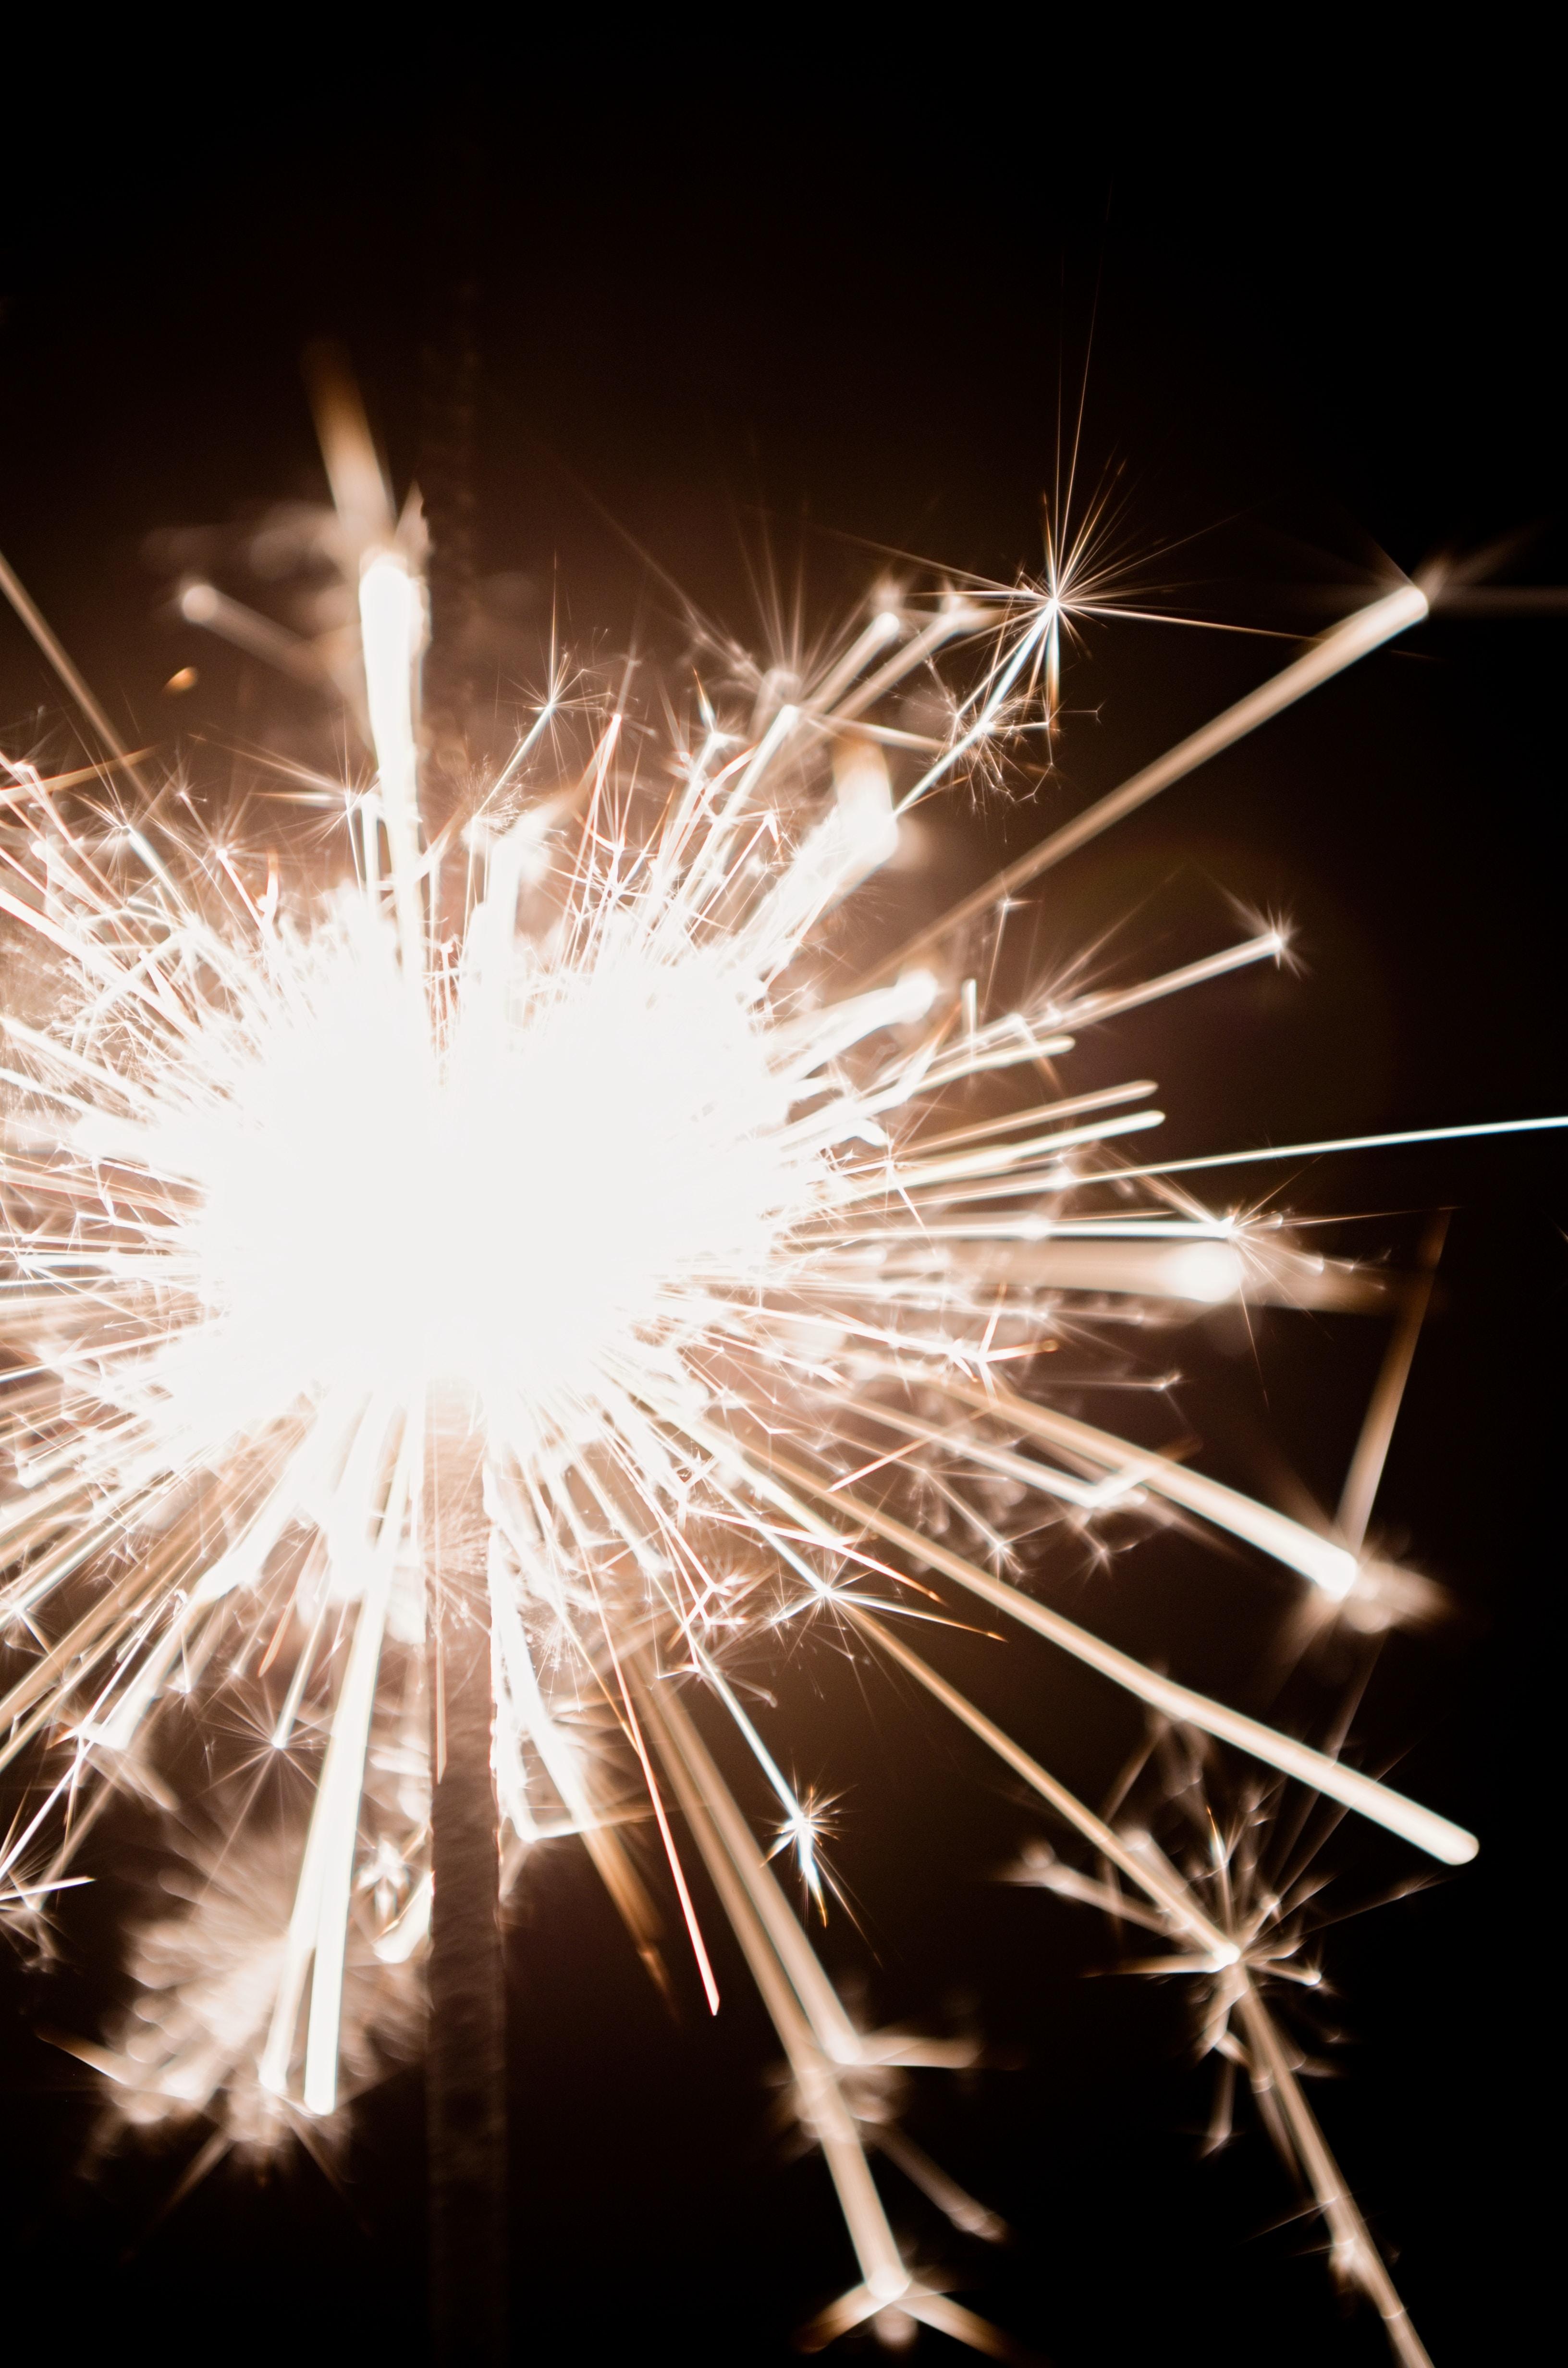 102249 免費下載壁紙 假期, 孟加拉灯, 火花, 火, 明亮的, 明亮, 假日 屏保和圖片